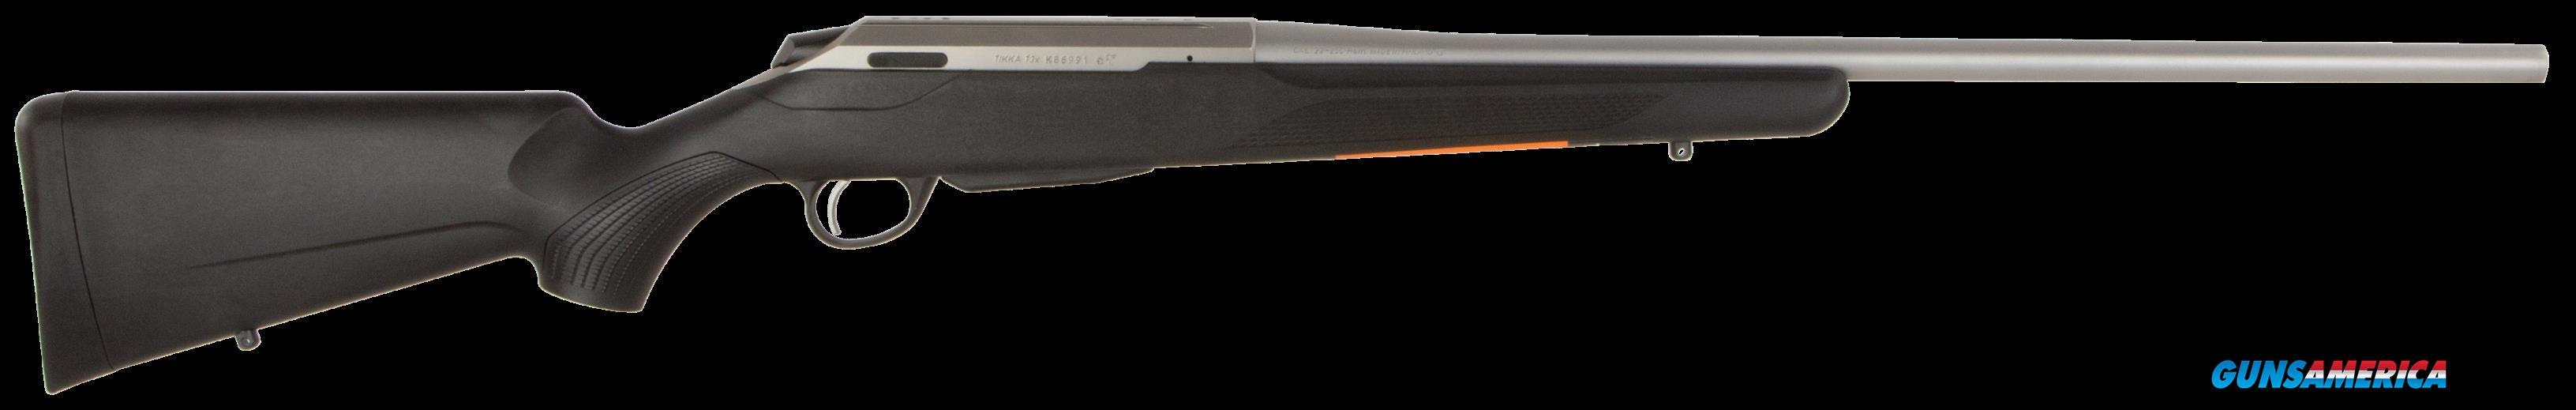 Tikka T3 T3x, Tikka Jrtxb431    T3x Lite   300    Synss Lh  Guns > Pistols > 1911 Pistol Copies (non-Colt)